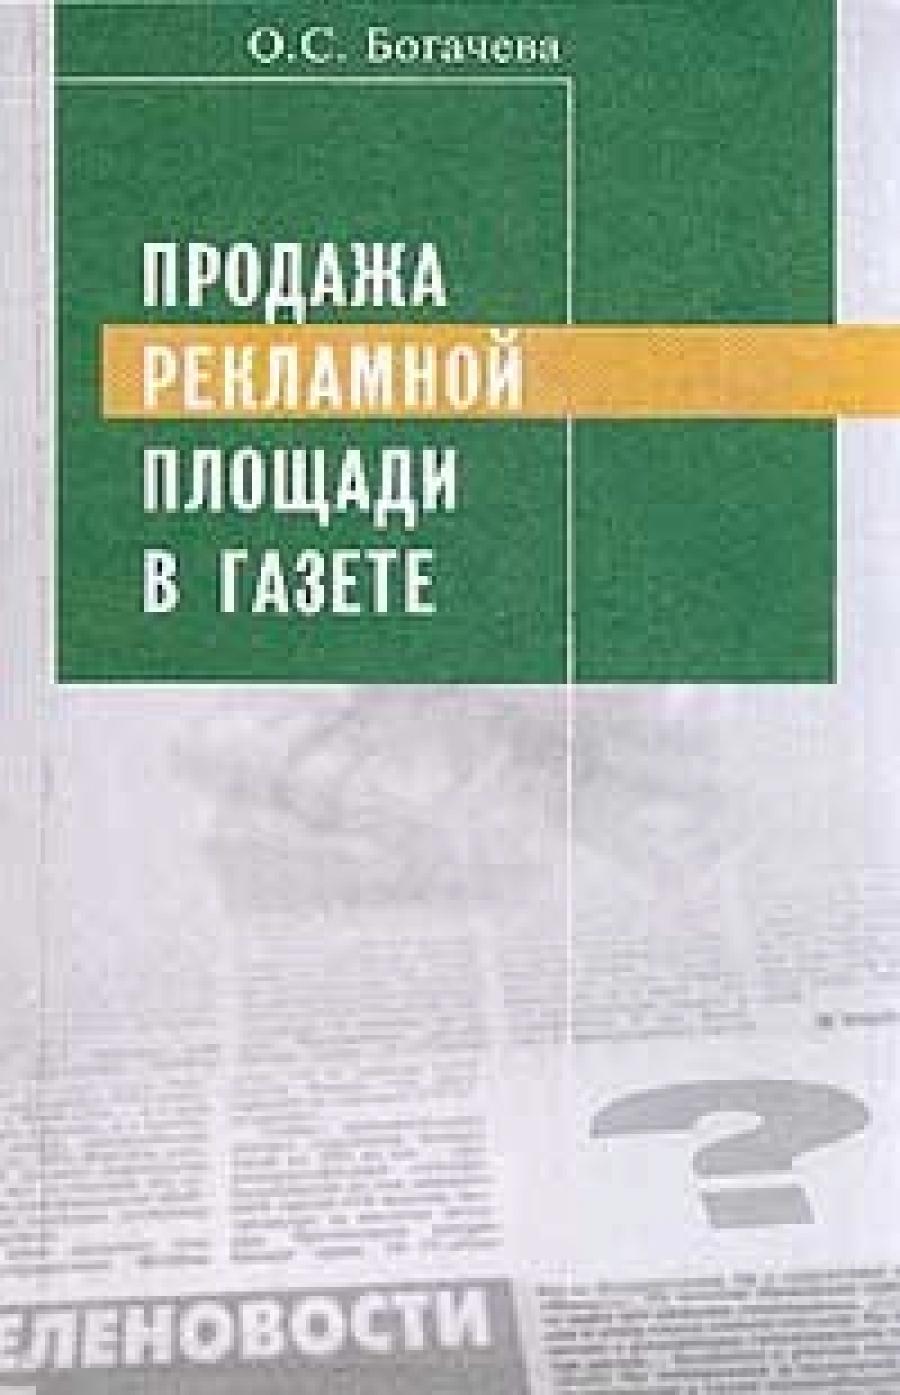 Обложка книги:  богачева о. с. - продажа рекламной площади в газете